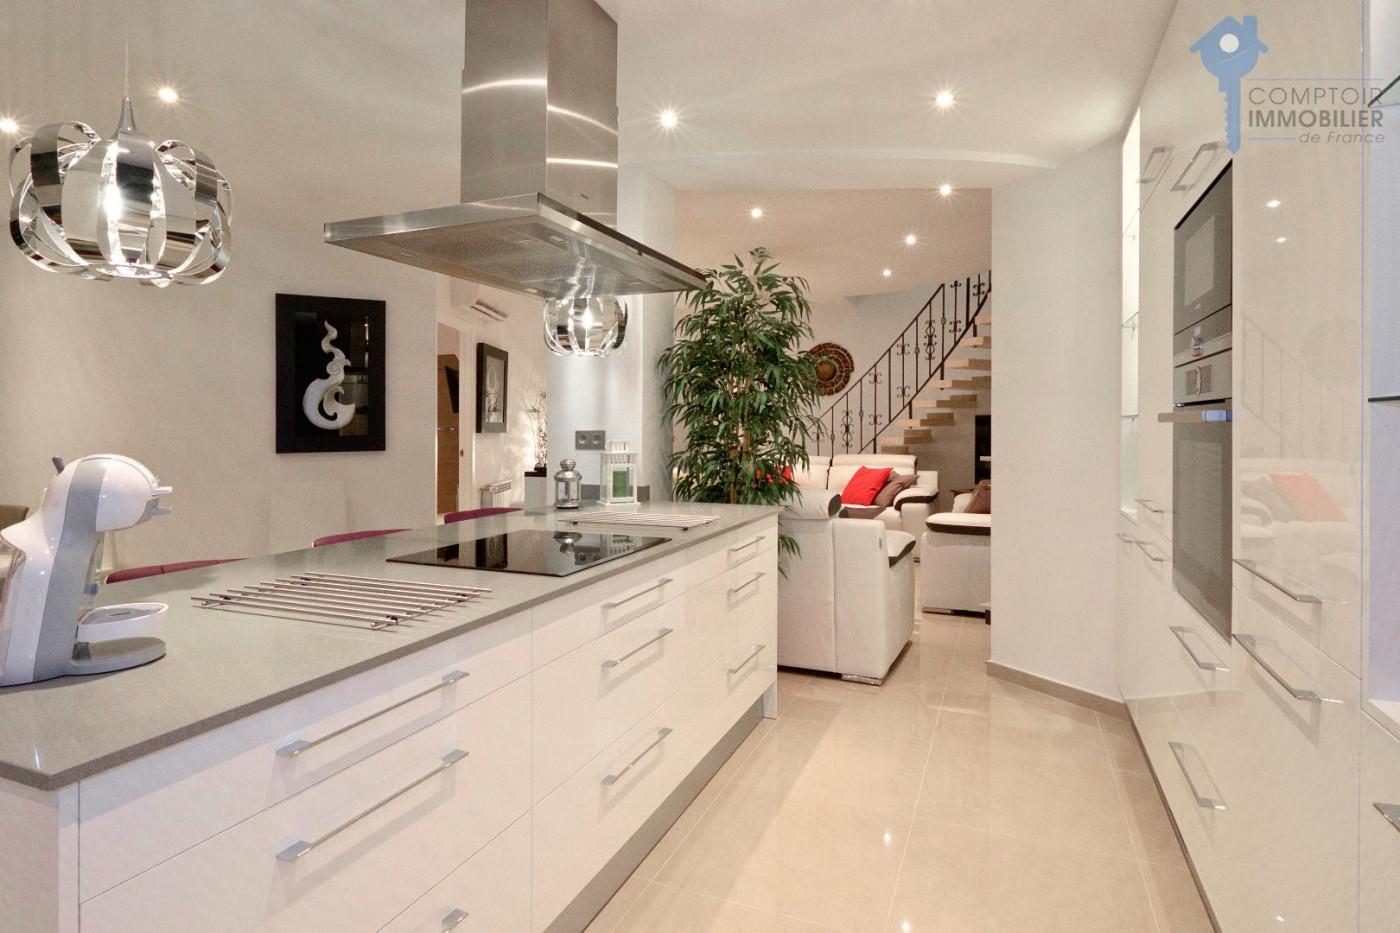 A vendre  Empuriabrava | Réf 3438042270 - Comptoir immobilier de france prestige